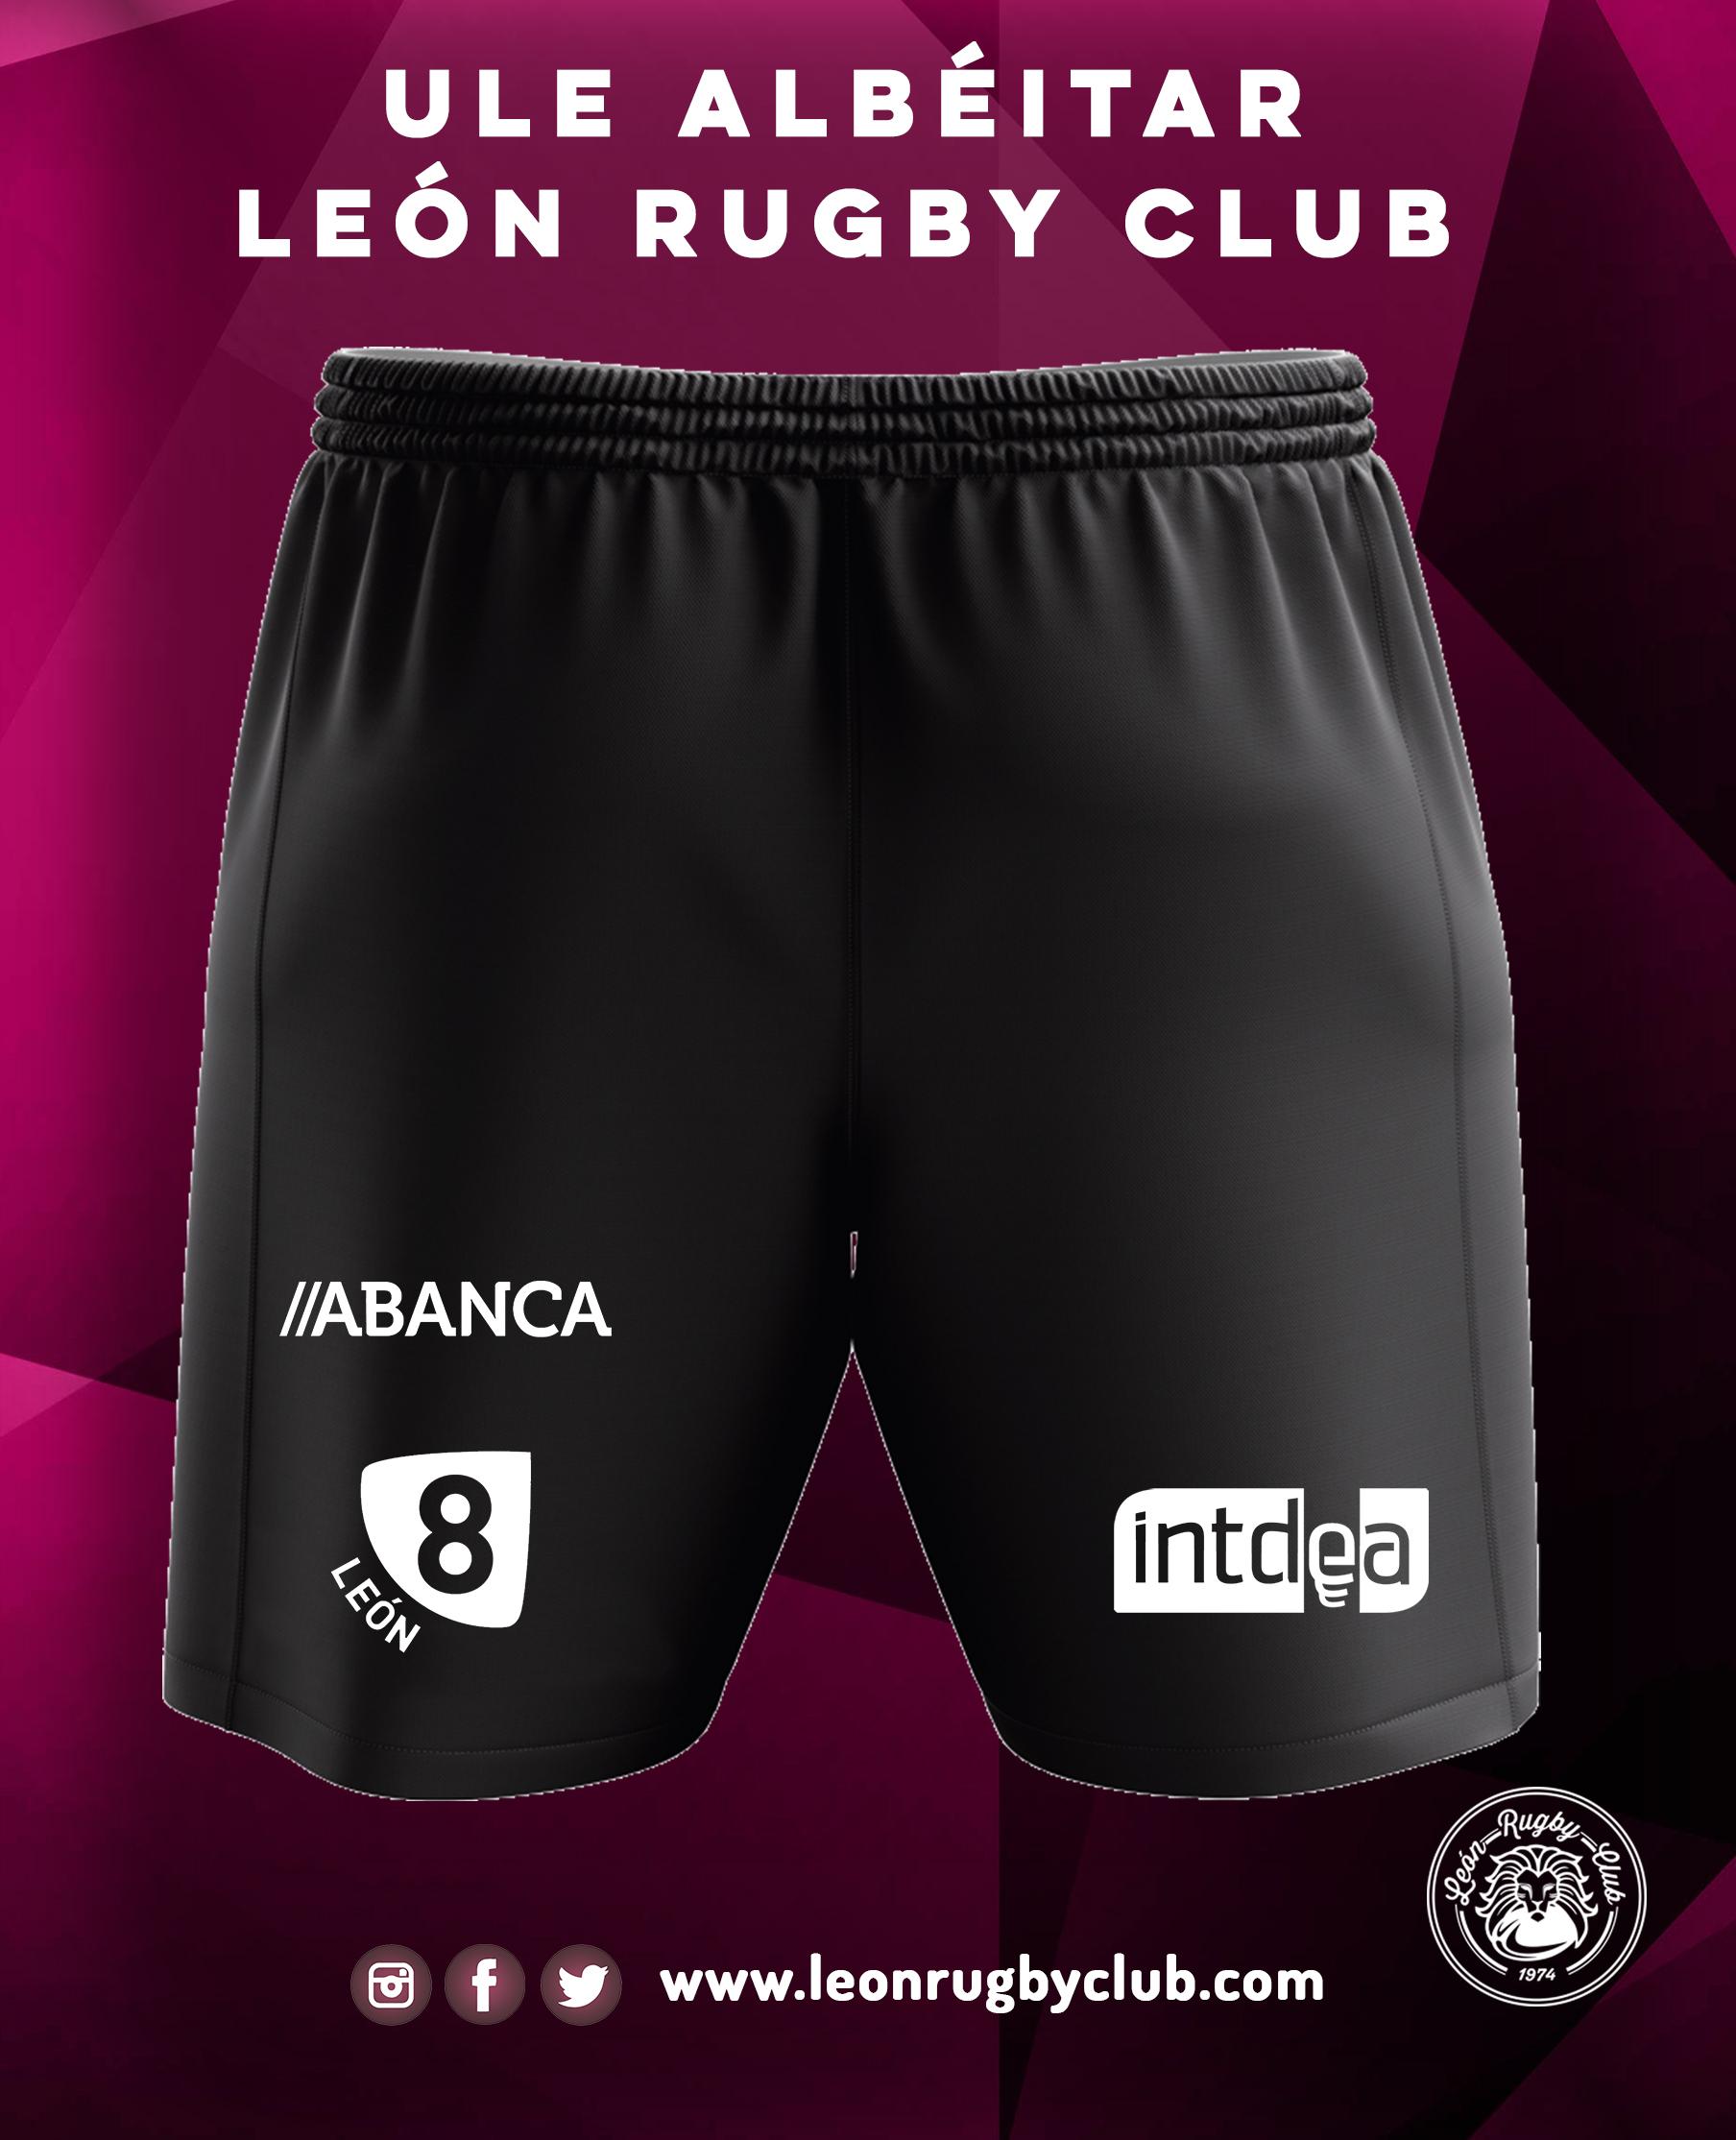 Pantalón de rugby negro corto ULE Albéitar León Rugby Club 19-20 Trasera